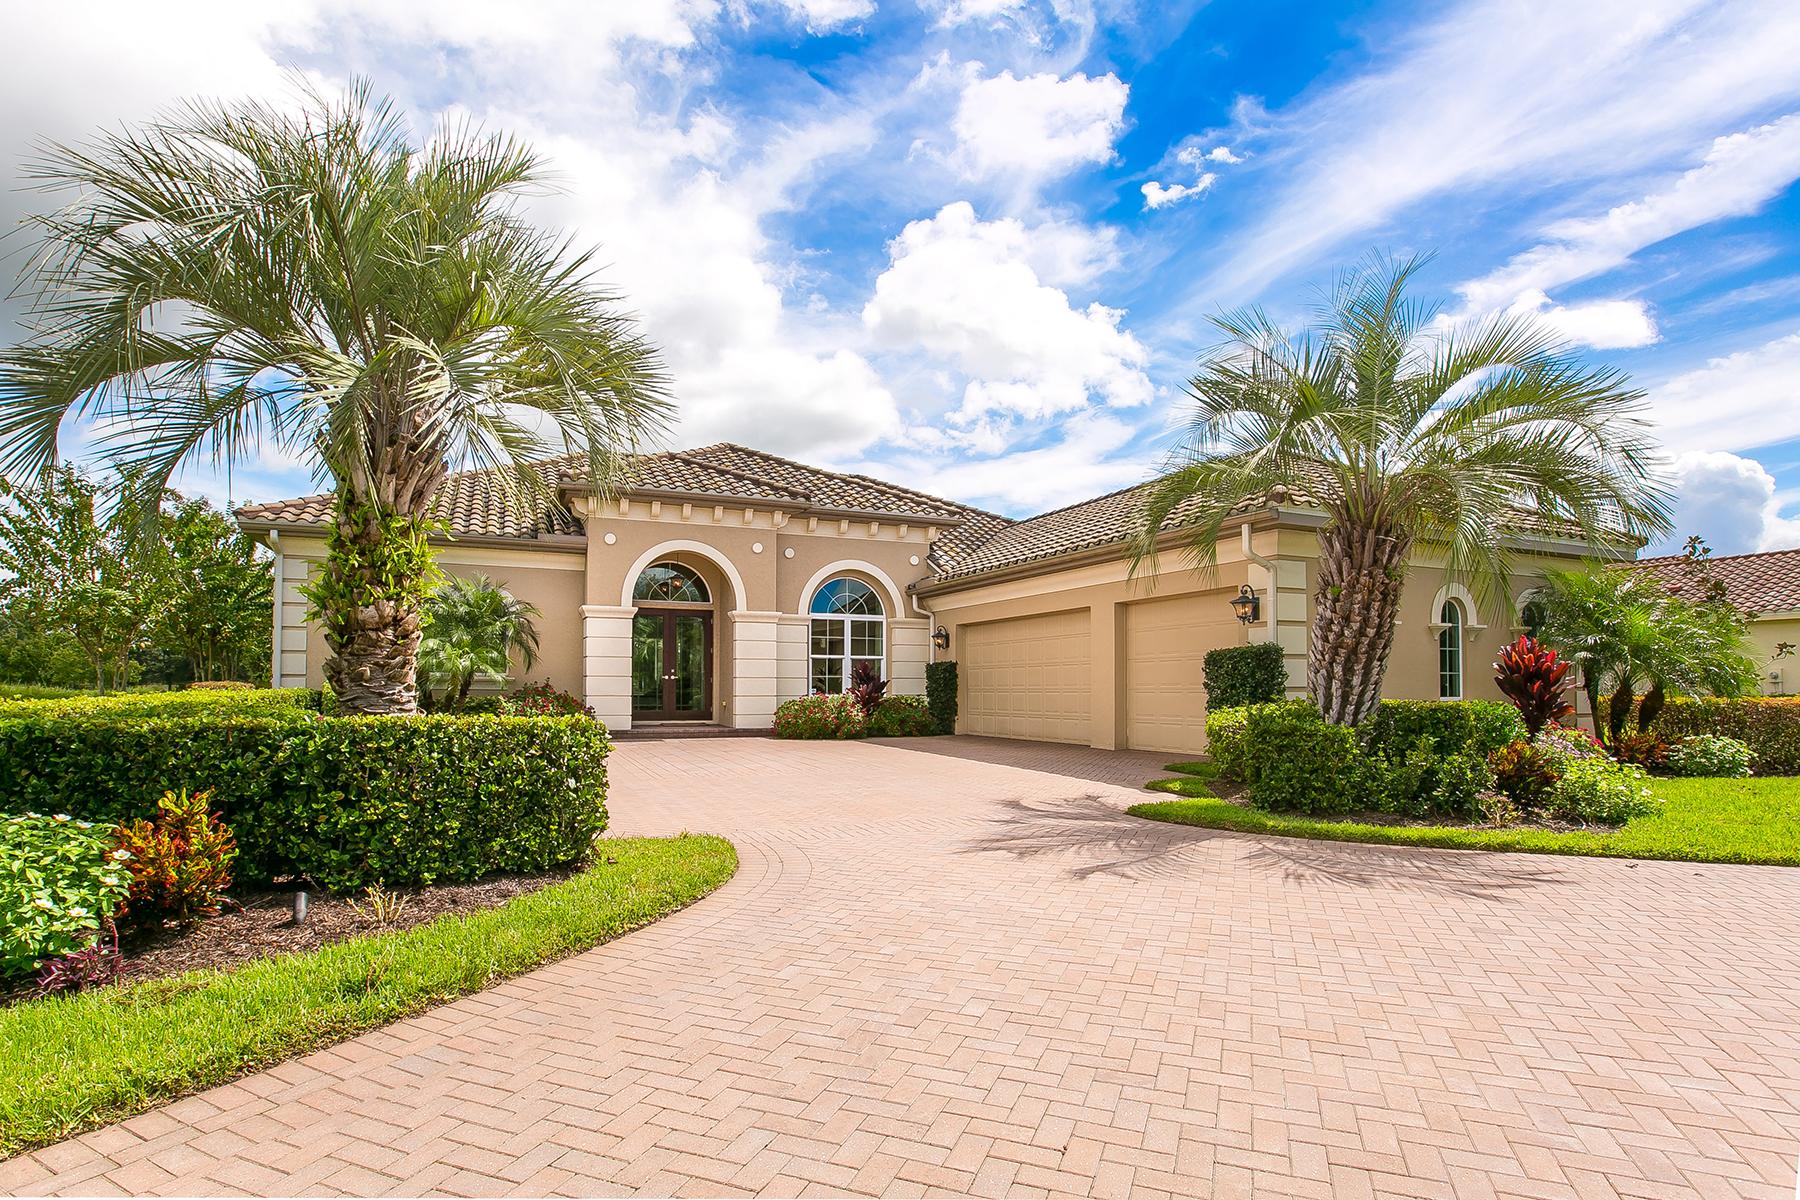 獨棟家庭住宅 為 出售 在 FOUNDERS CLUB 3218 Founders Club Dr Sarasota, 佛羅里達州 34240 美國